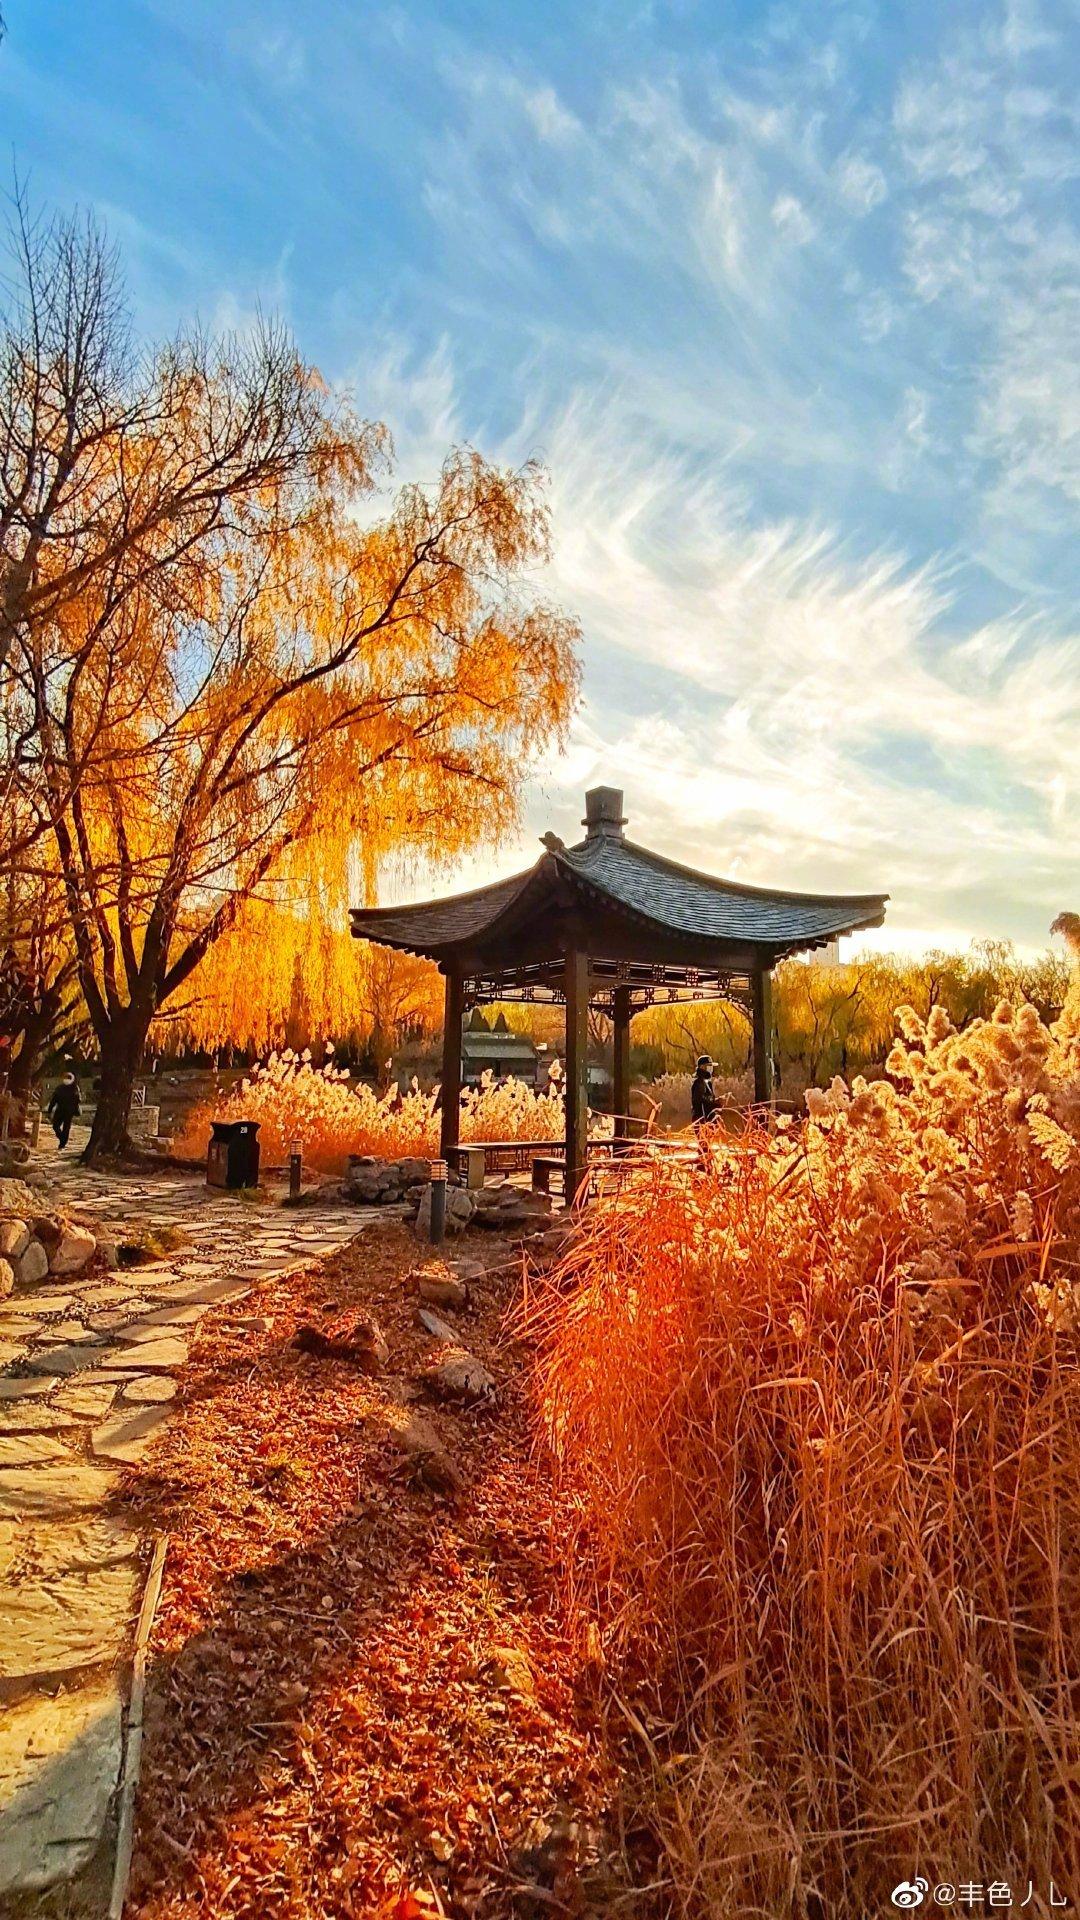 初冬的北京柳荫公园,深秋景色依旧在 摄影@丰色丿乚